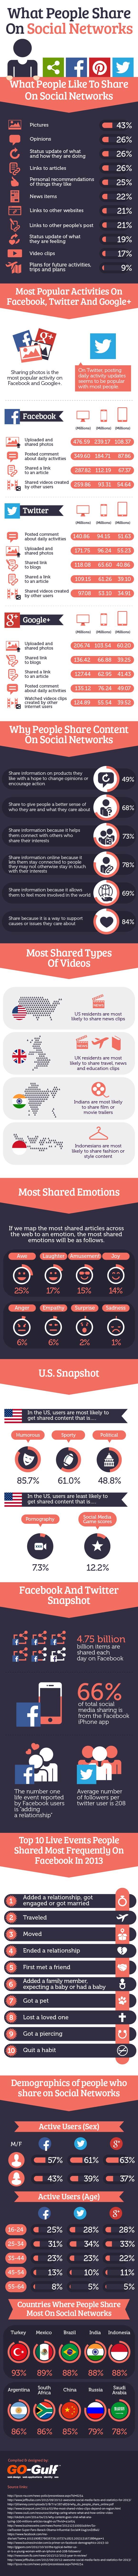 que partageons nous sur les réseaux sociaux